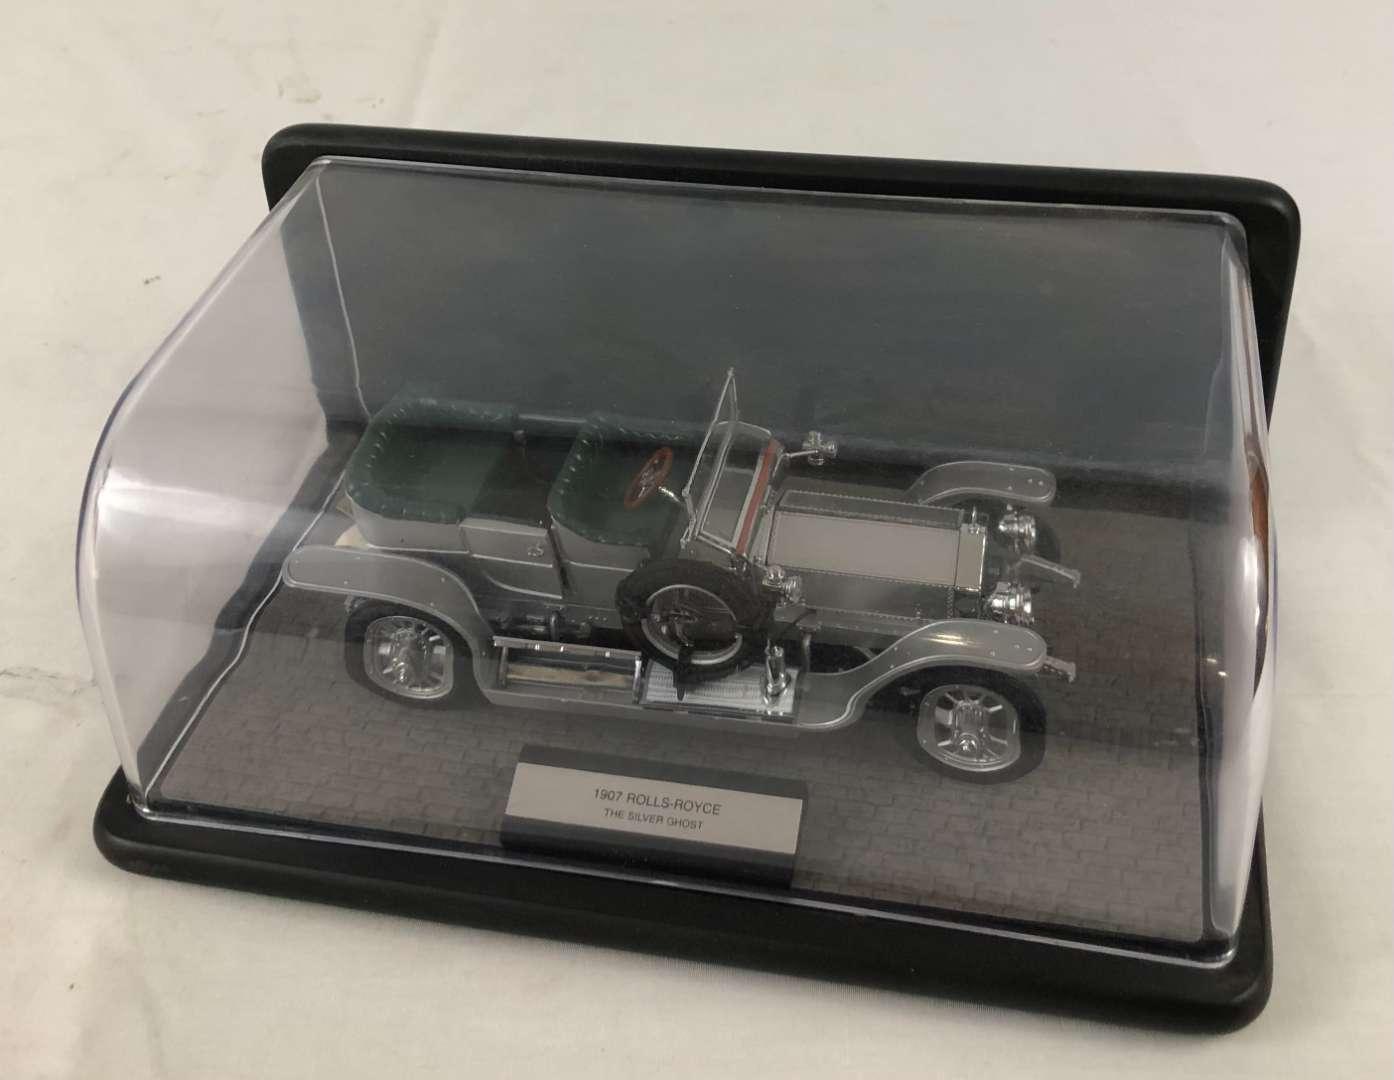 Lot # 153 - 1907 Rolls-Royce Silver Ghost 1:24 Scale Model by Franklin Mint (main image)